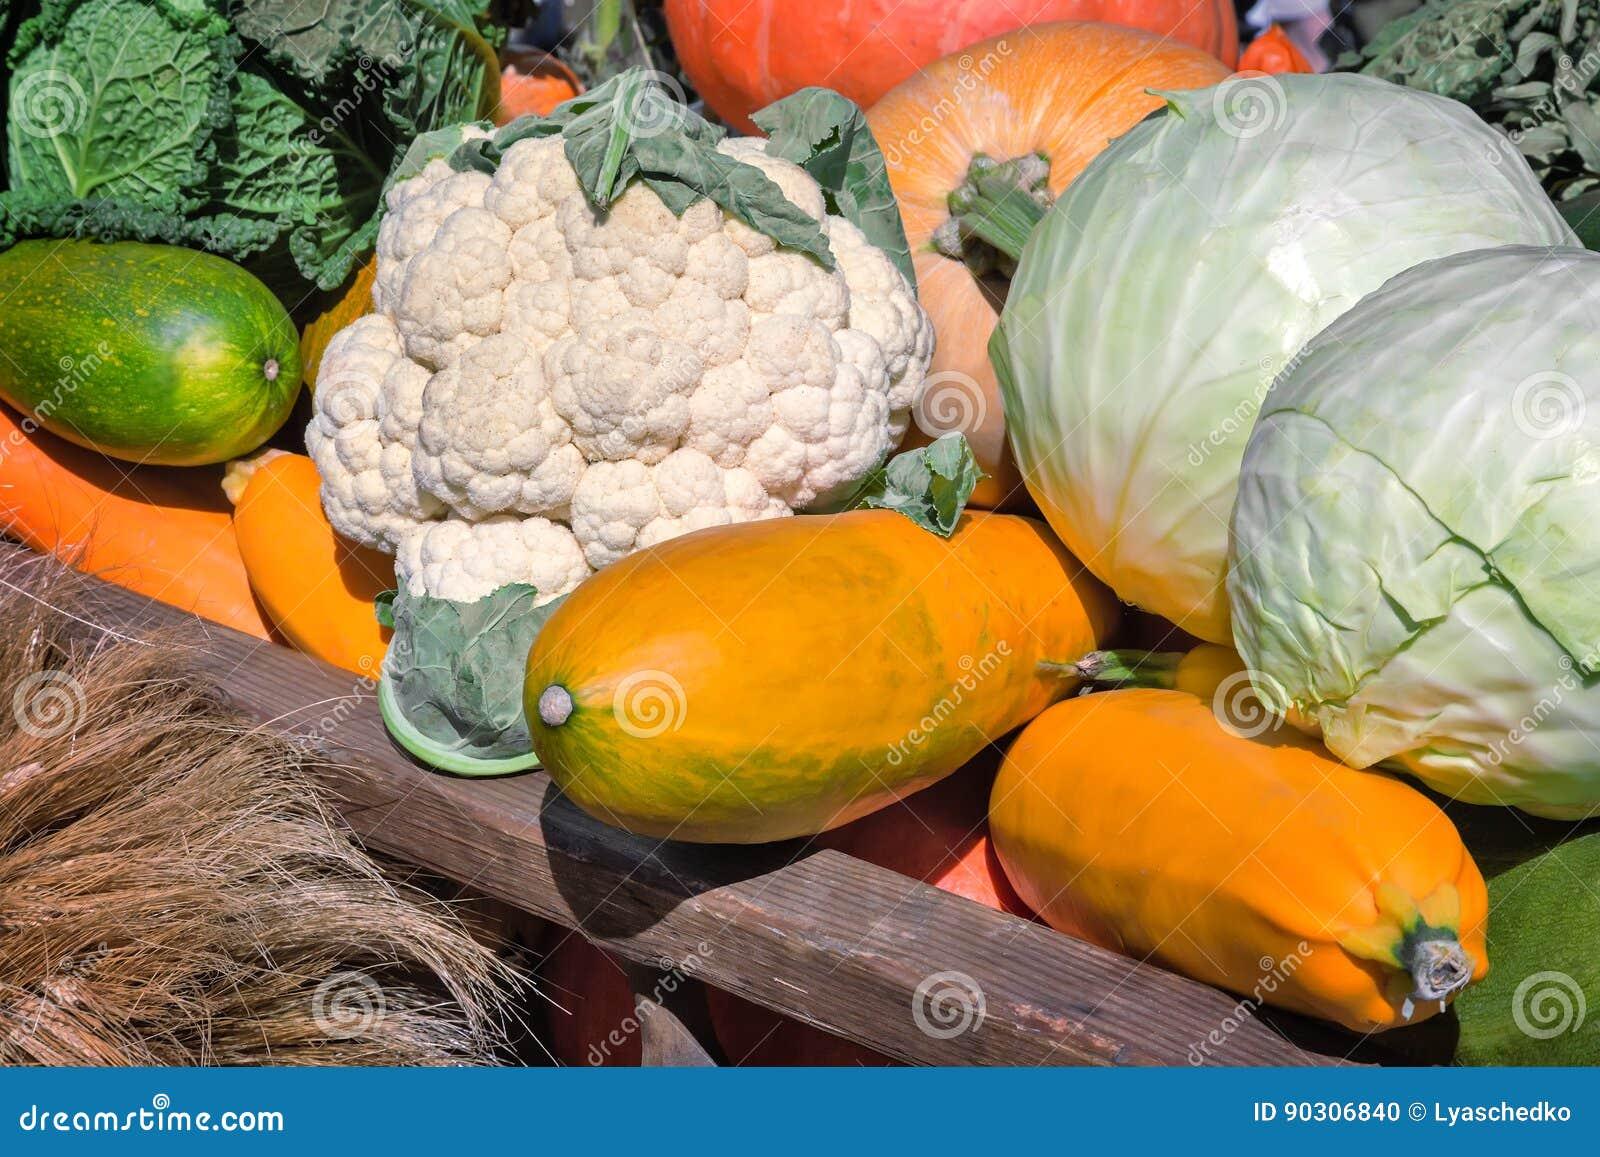 La récolte végétale est vendue à la foire